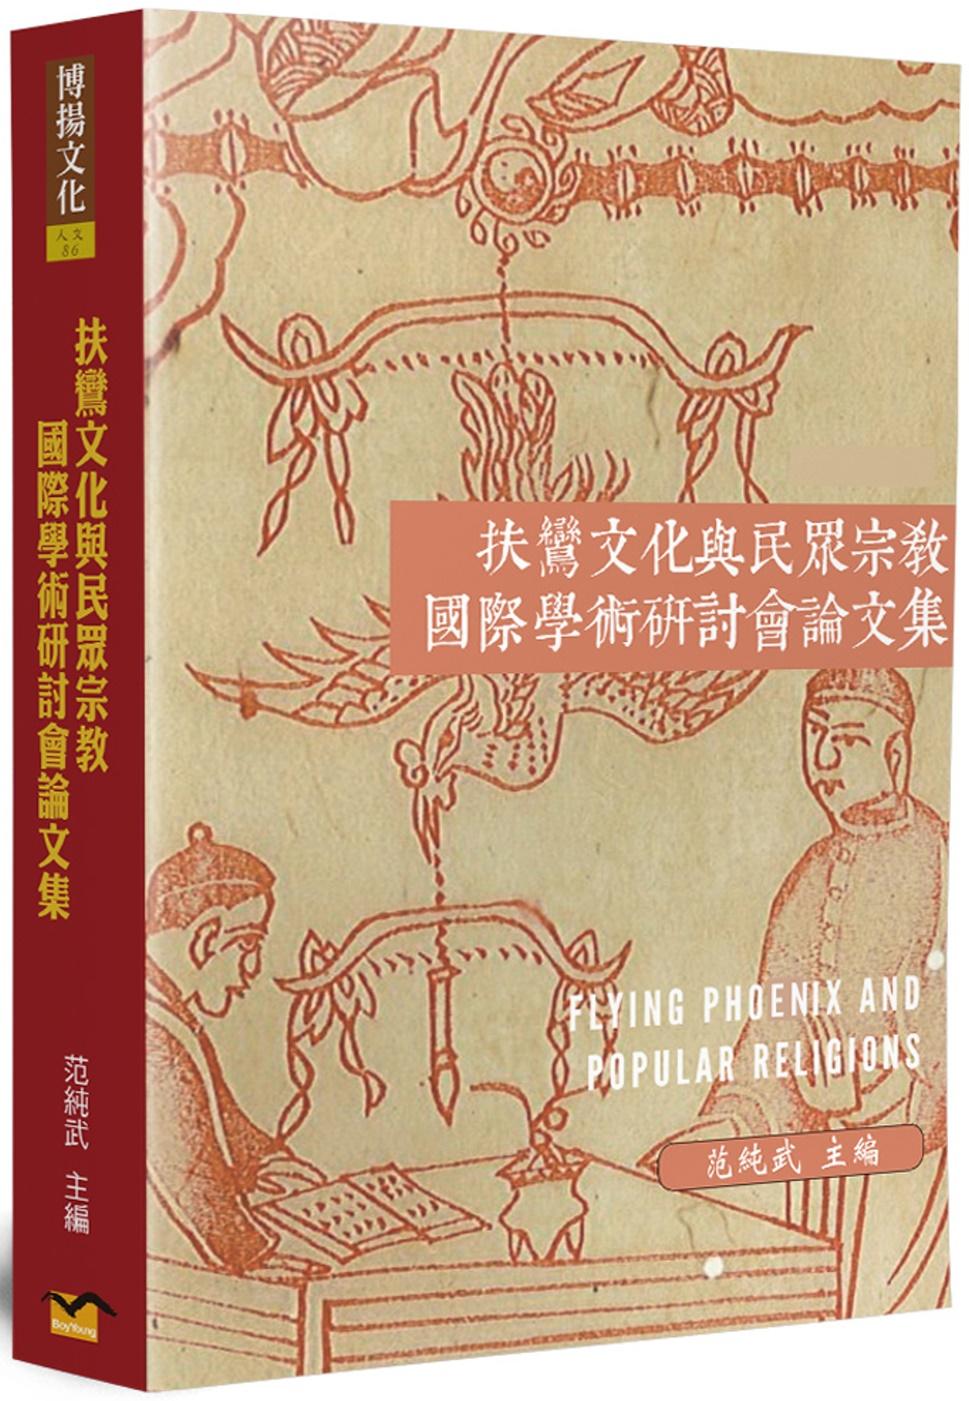 扶鸞文化與民眾宗教國際學術研討會論文集